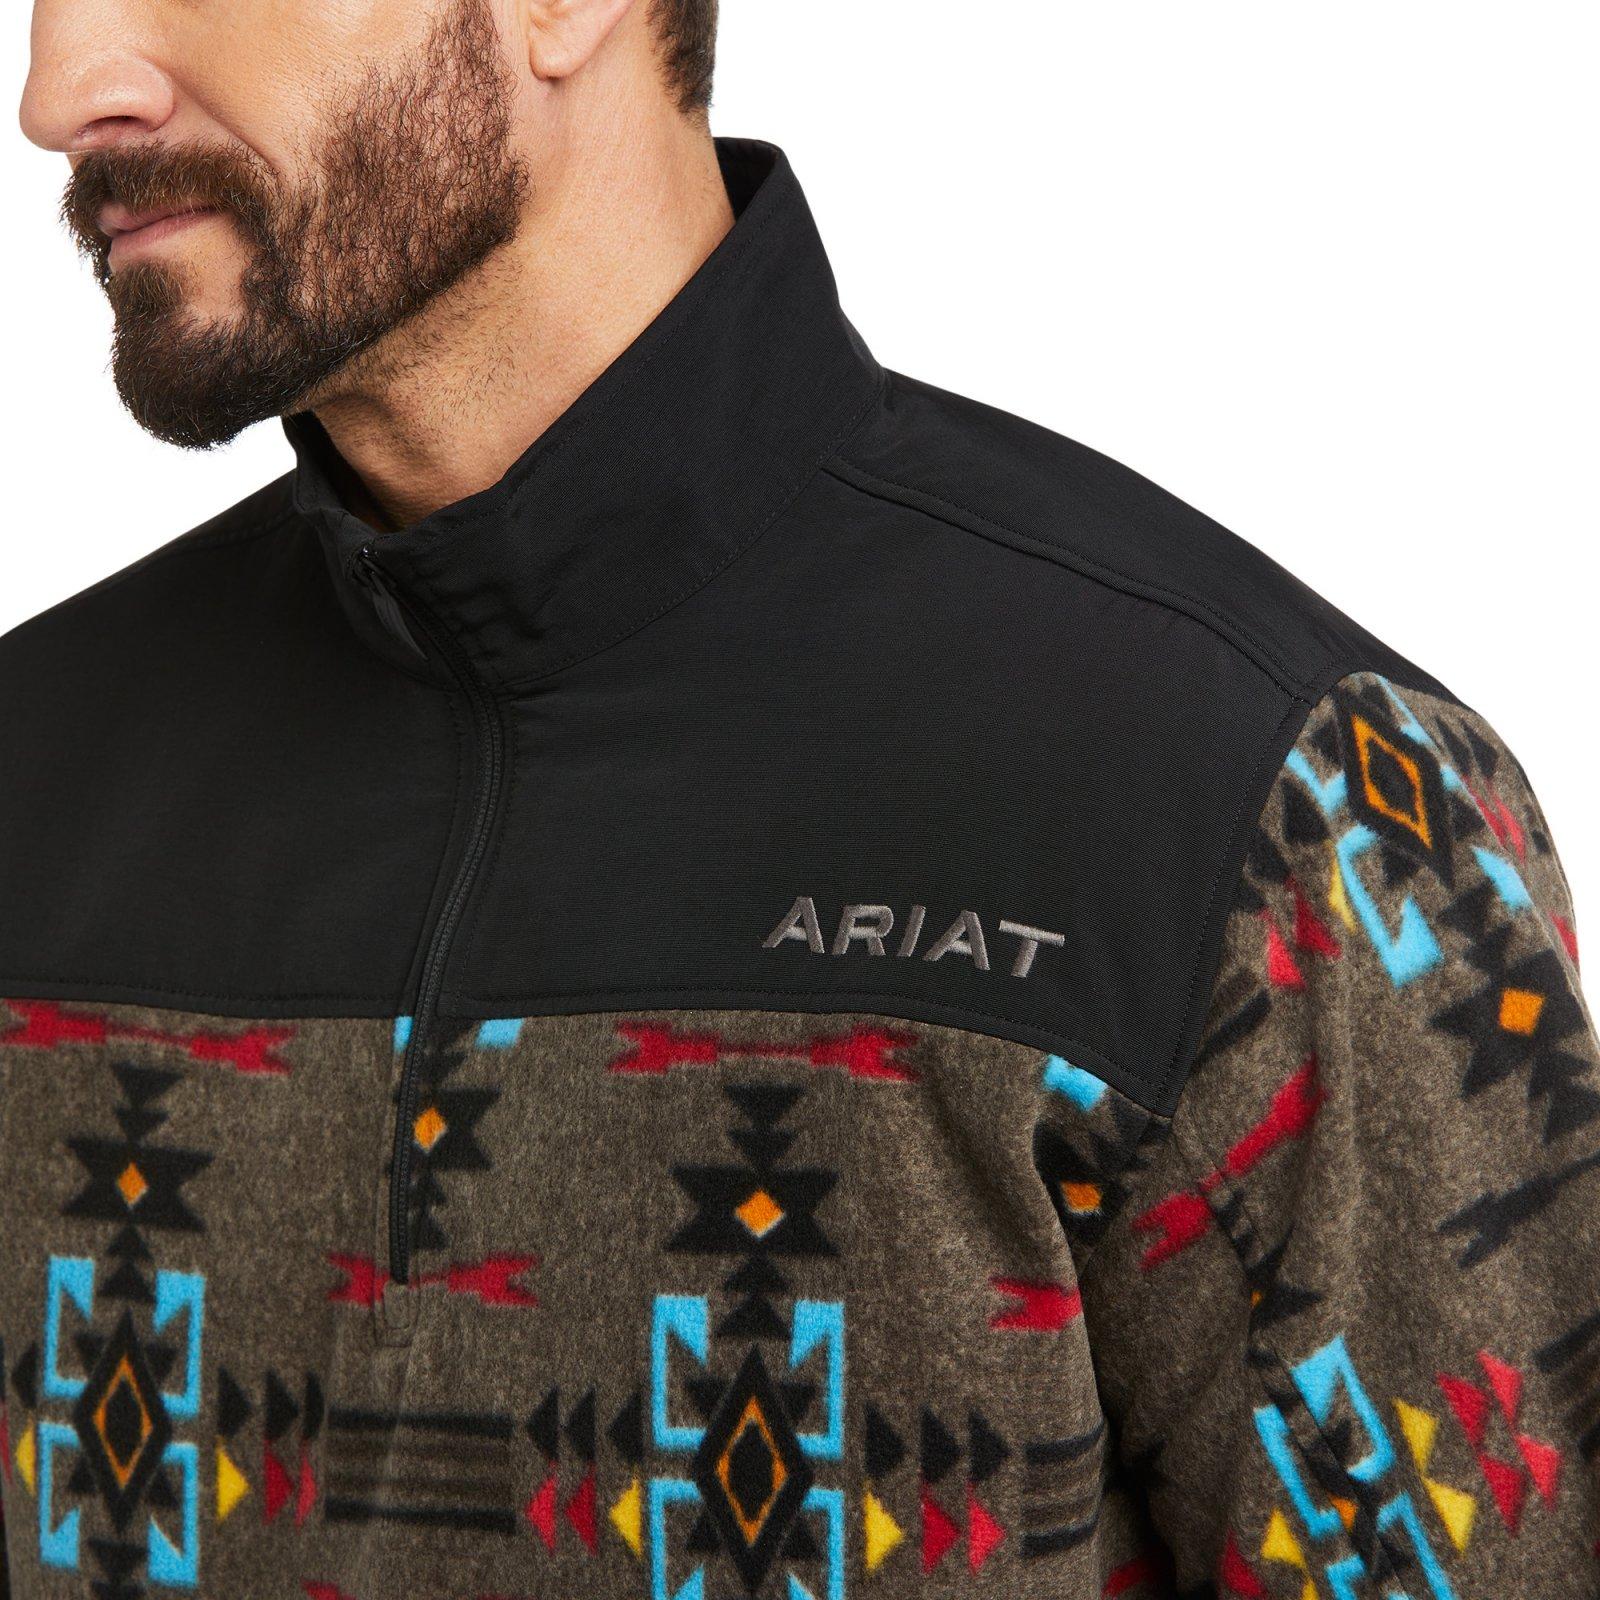 Basis 2.0 1/4 Zip Sweatshirt from Ariat